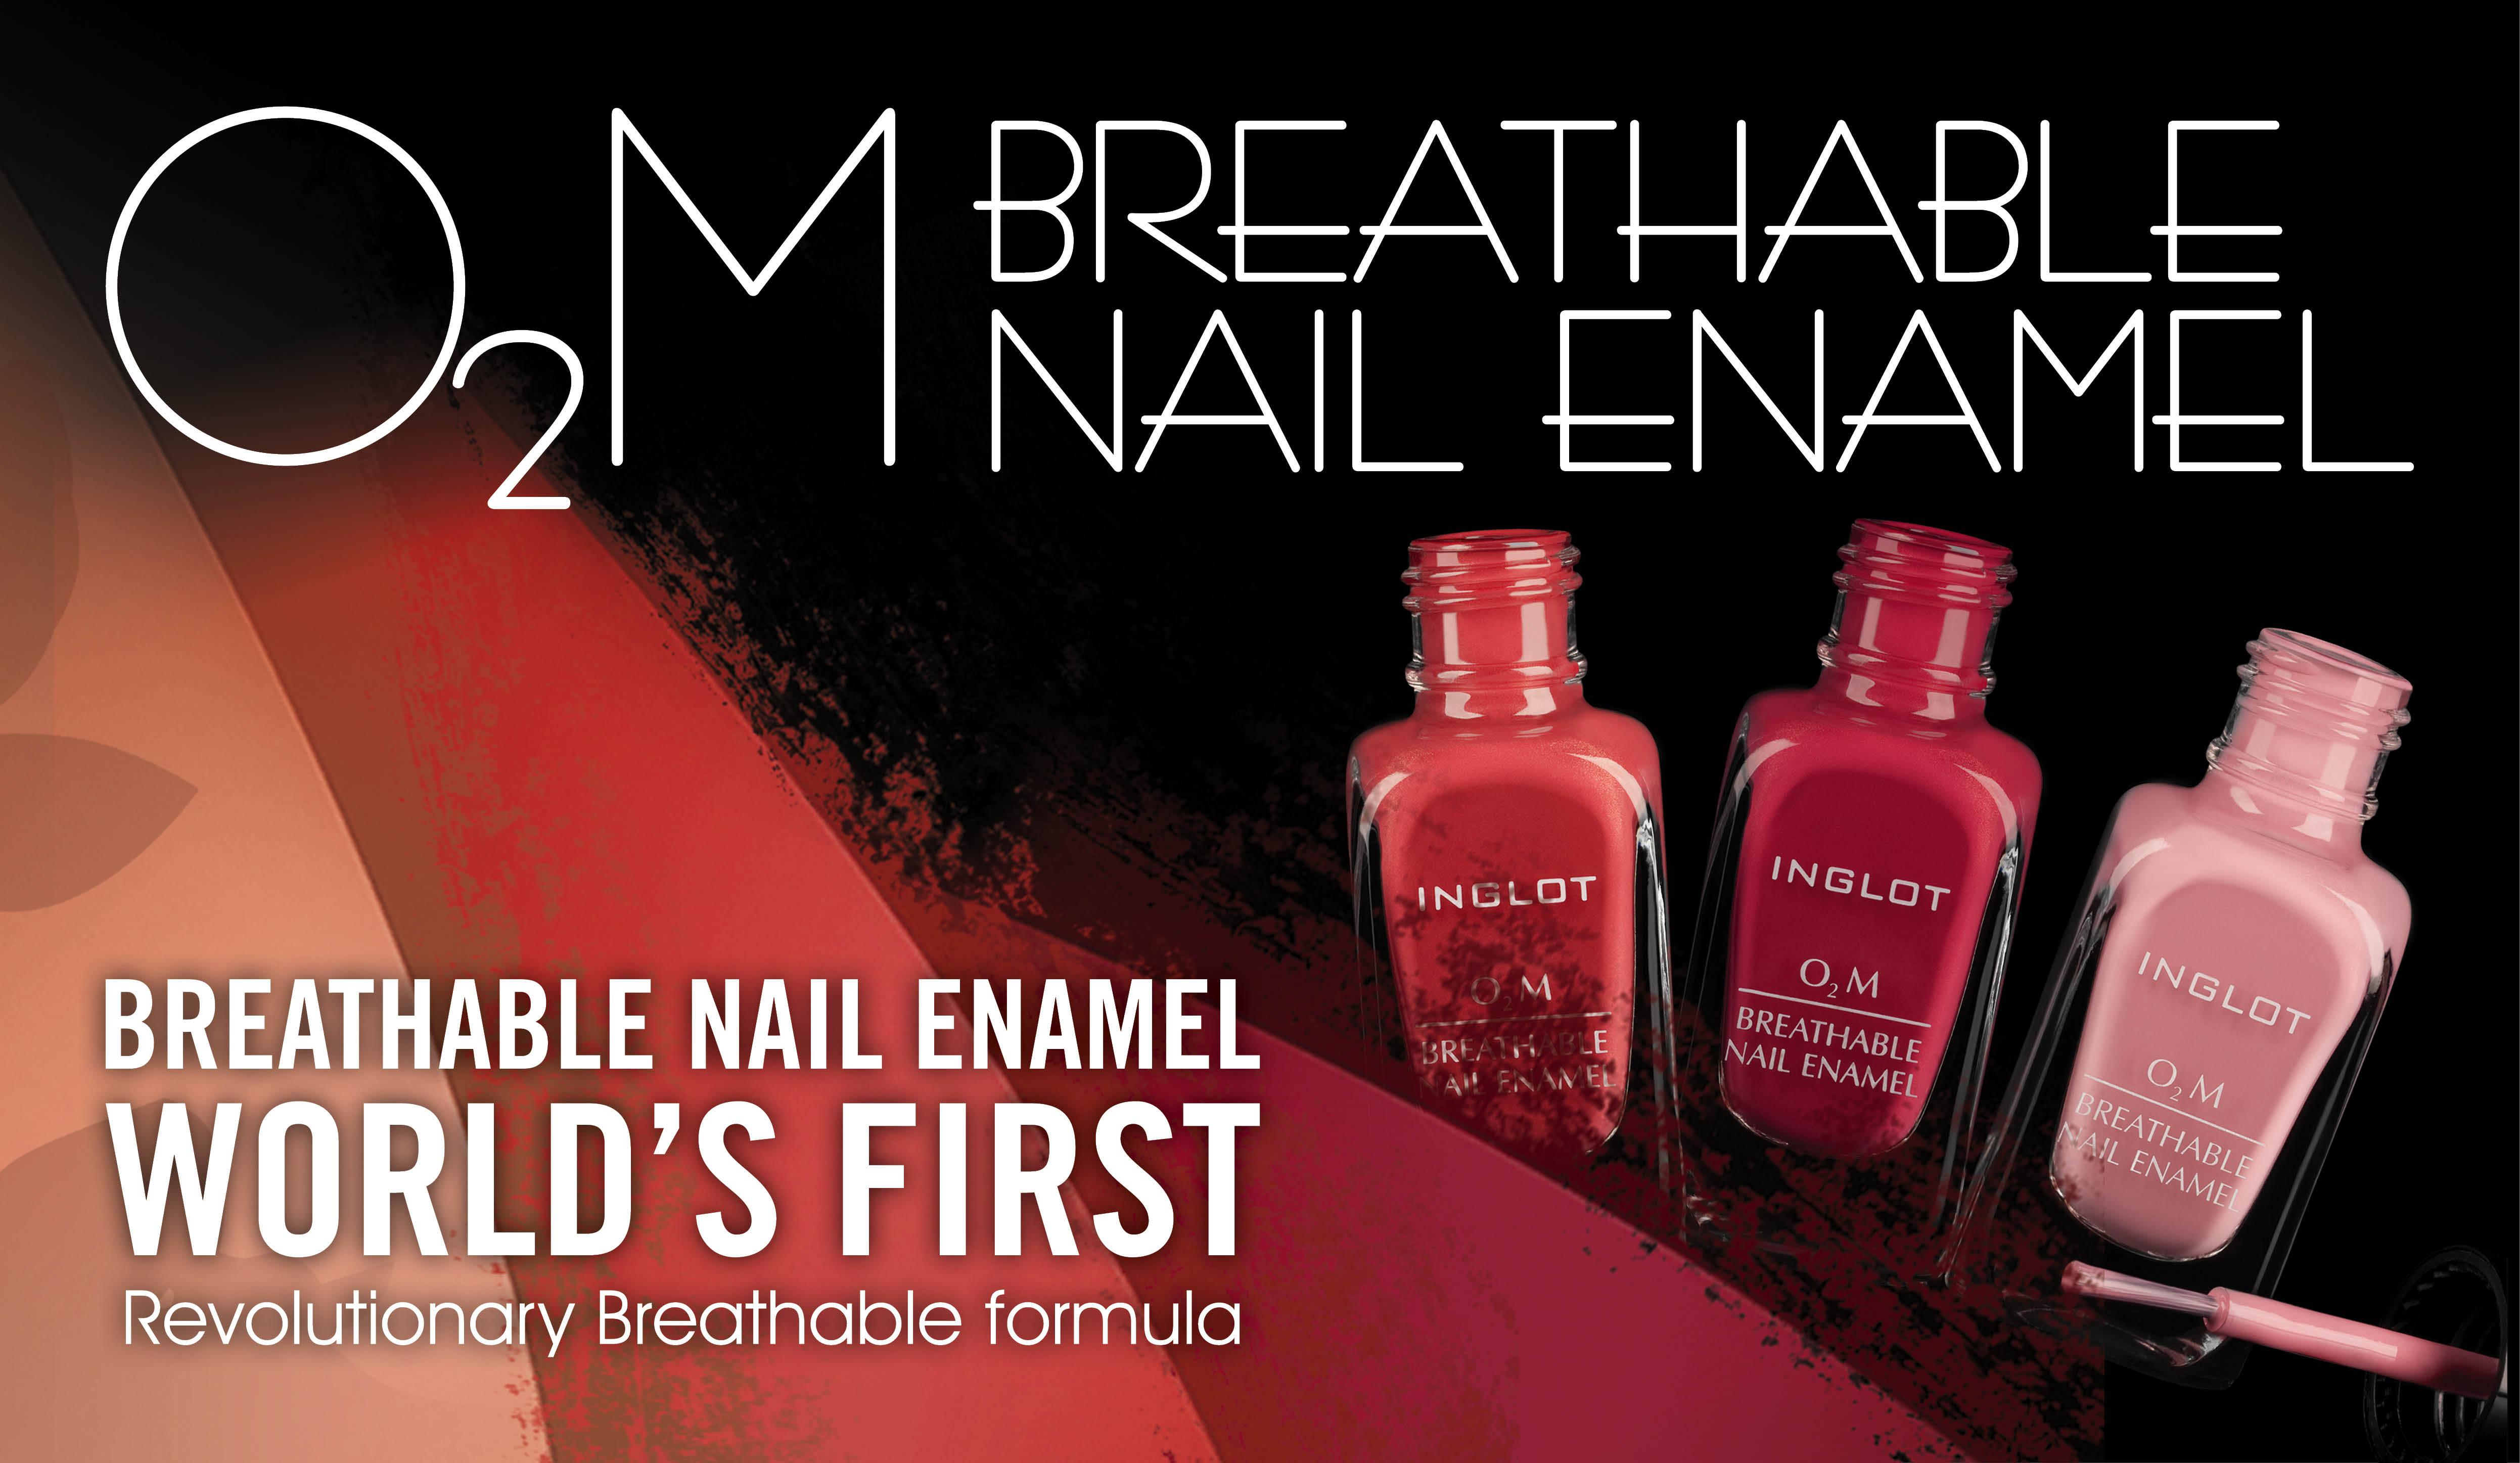 Breathable Nail Polish_Inglot o2m - Daily Vanity